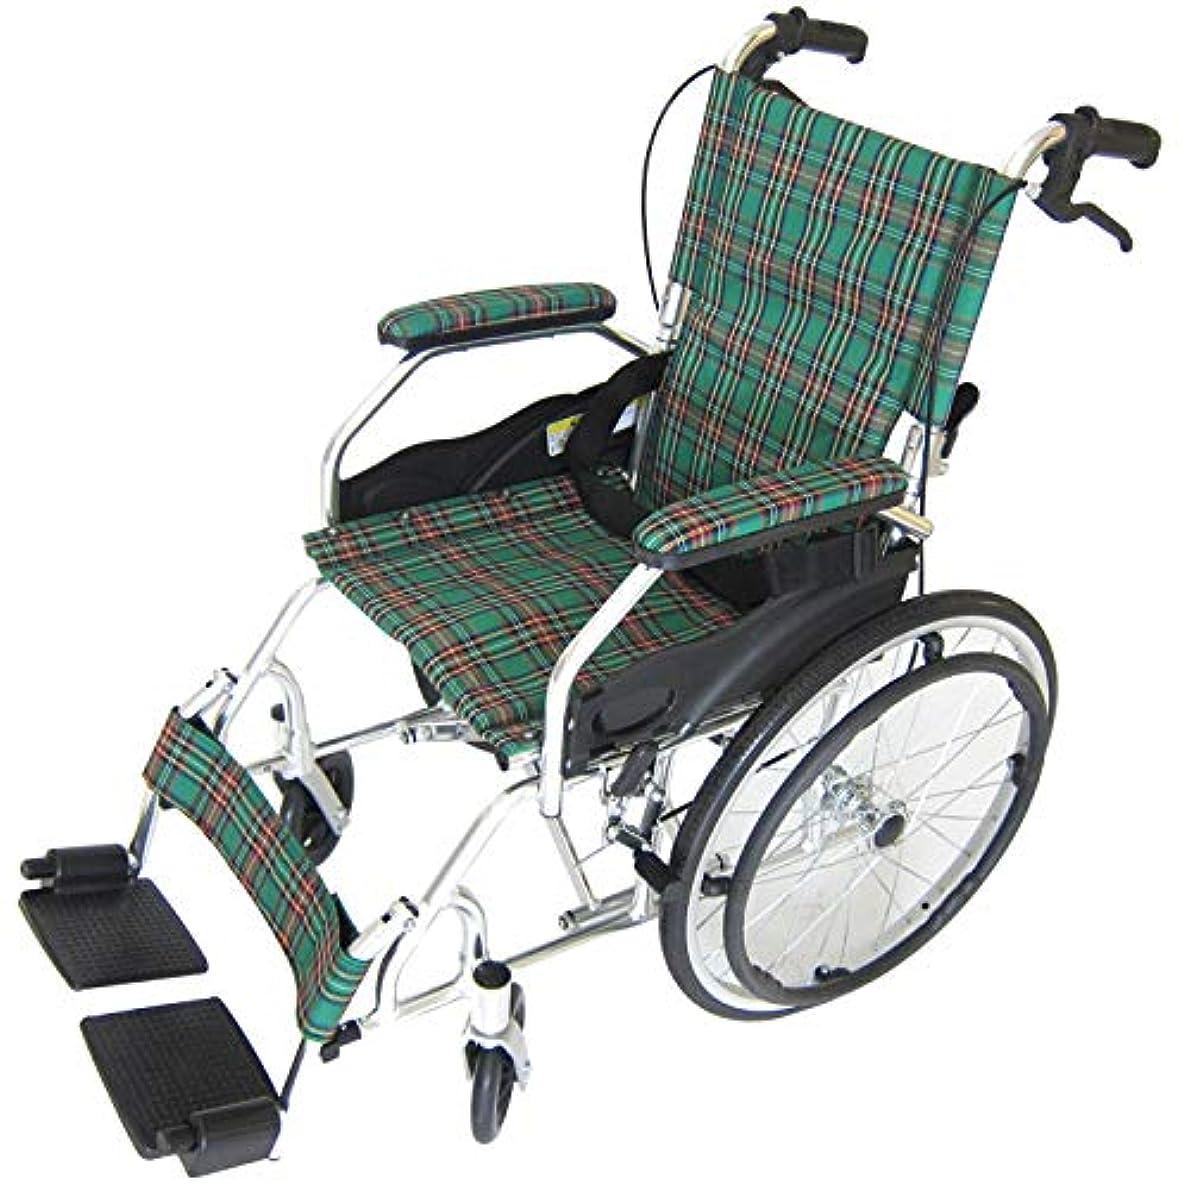 抗生物質国家トランジスタモスキー グリーンチェック 重量11.5kgの超軽量自走式車椅子!  アルミ 車椅子 脚部エレべーティング ノーパンクタイヤ 背折れ式 シートベルト付き【A103-AKG】